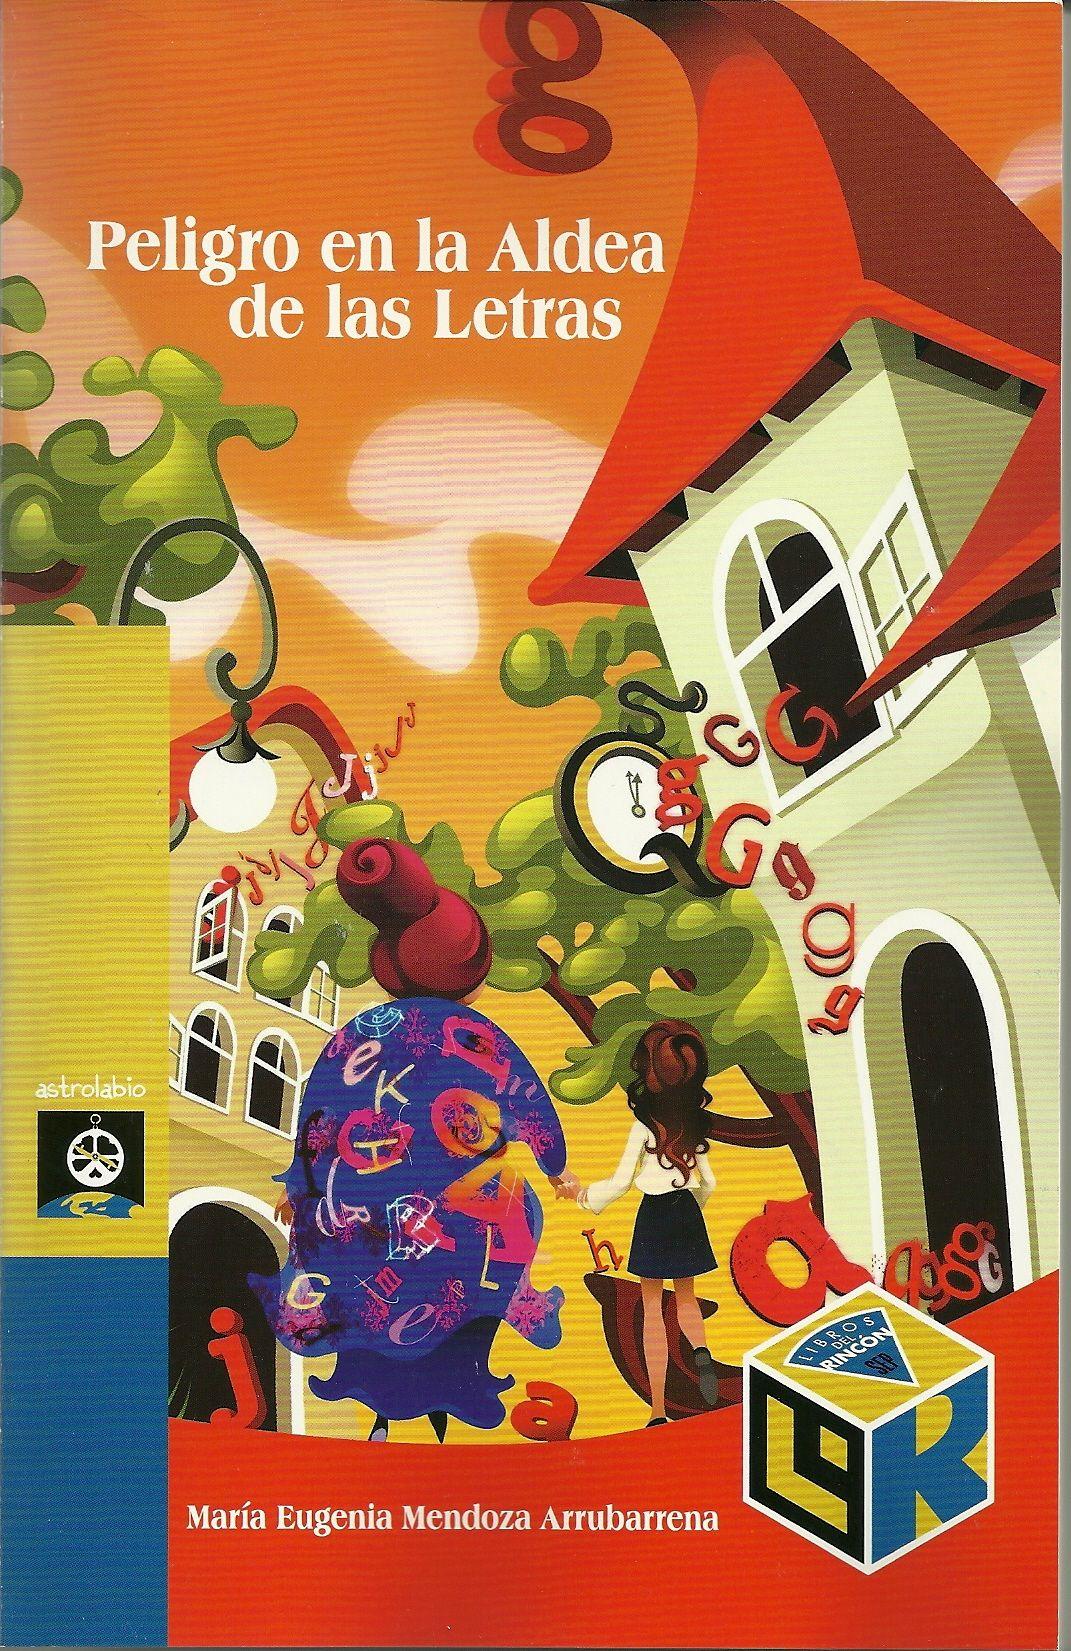 Peligro en la Aldea de las Letras. Literatura infantil y juvenil. Aldea de las Letras http://aldeadelasletras.blogspot.mx/2010/01/peligro-en-la-aldea-de-las-letras-ya-es.html